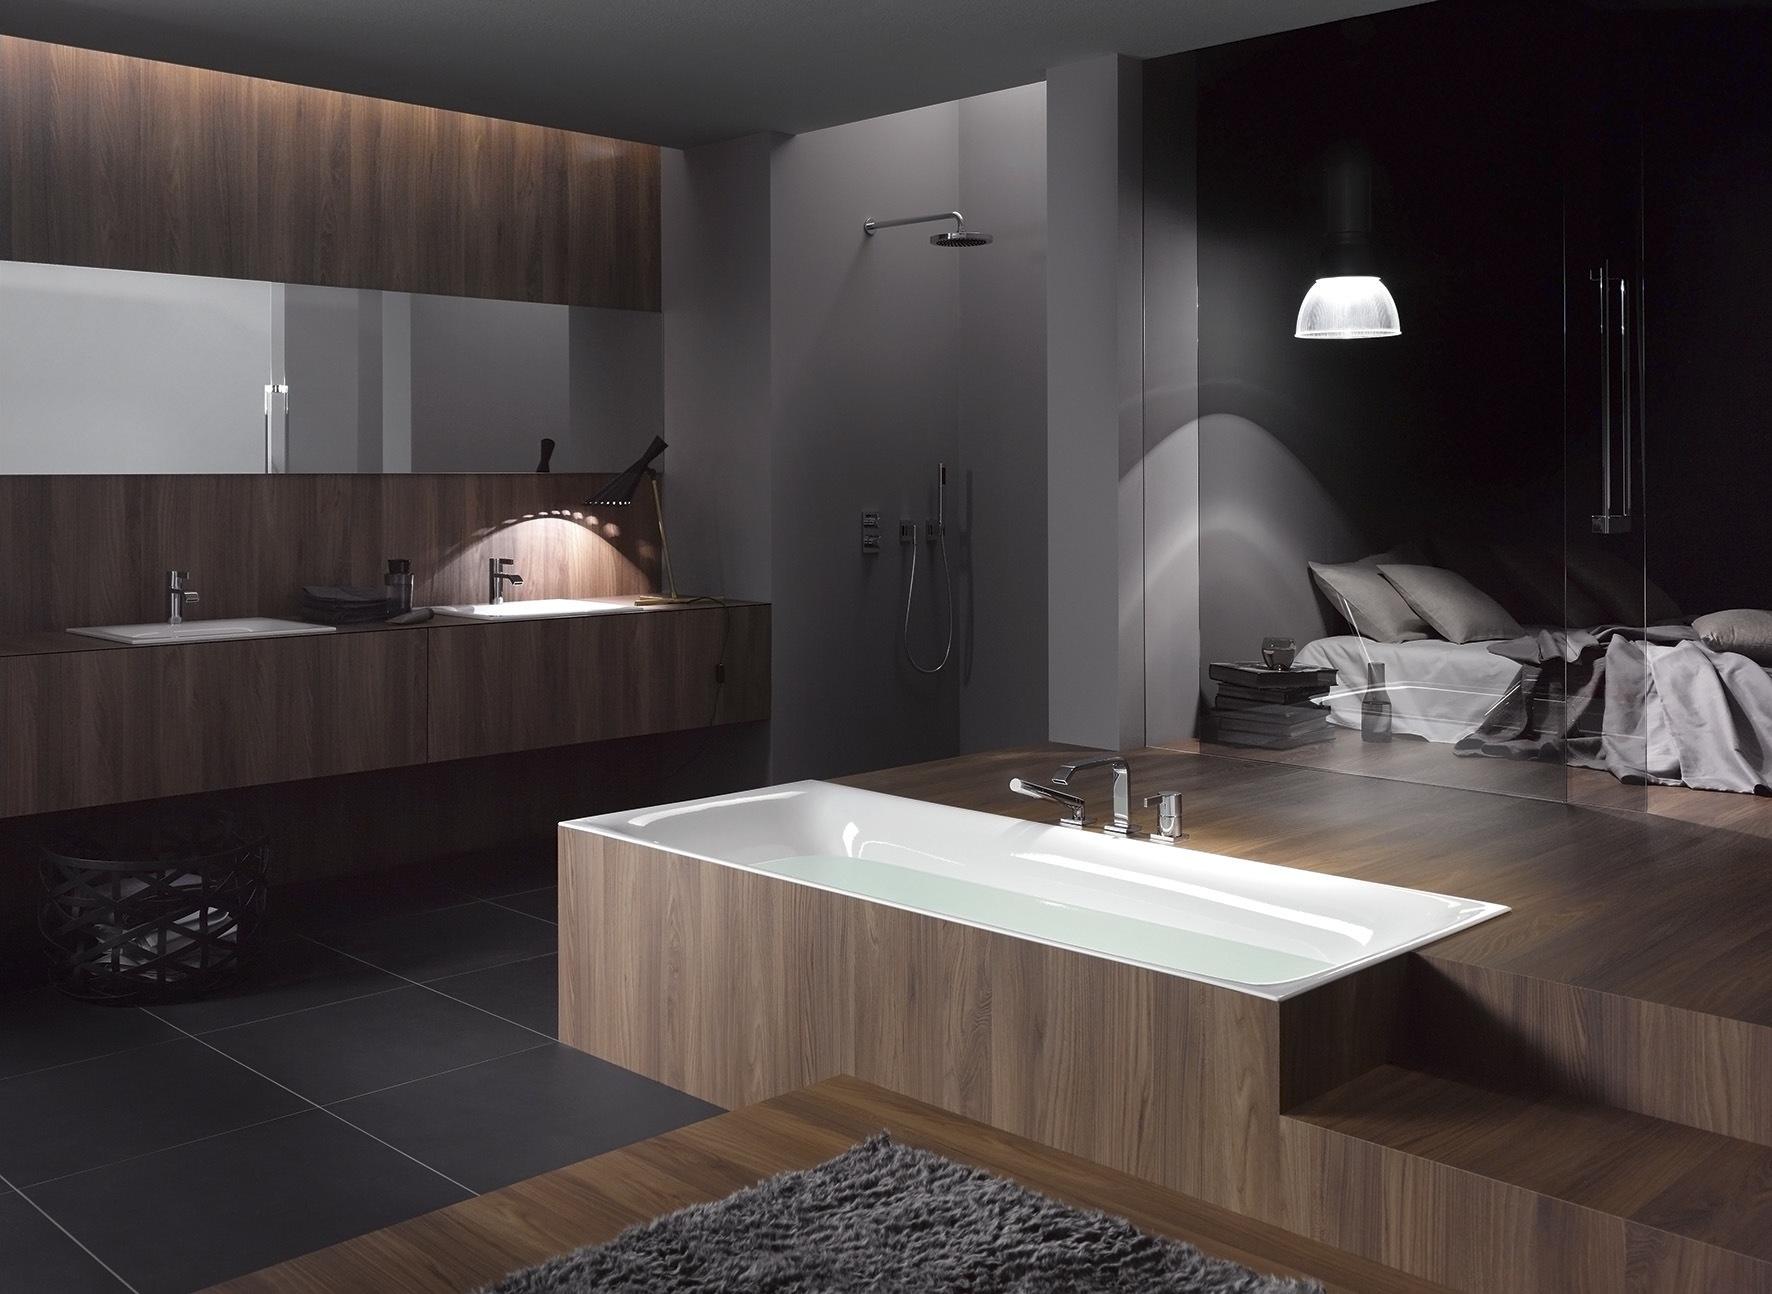 Interieurtrend: badkamer en slaapkamer in één ruimte - Nieuws ...